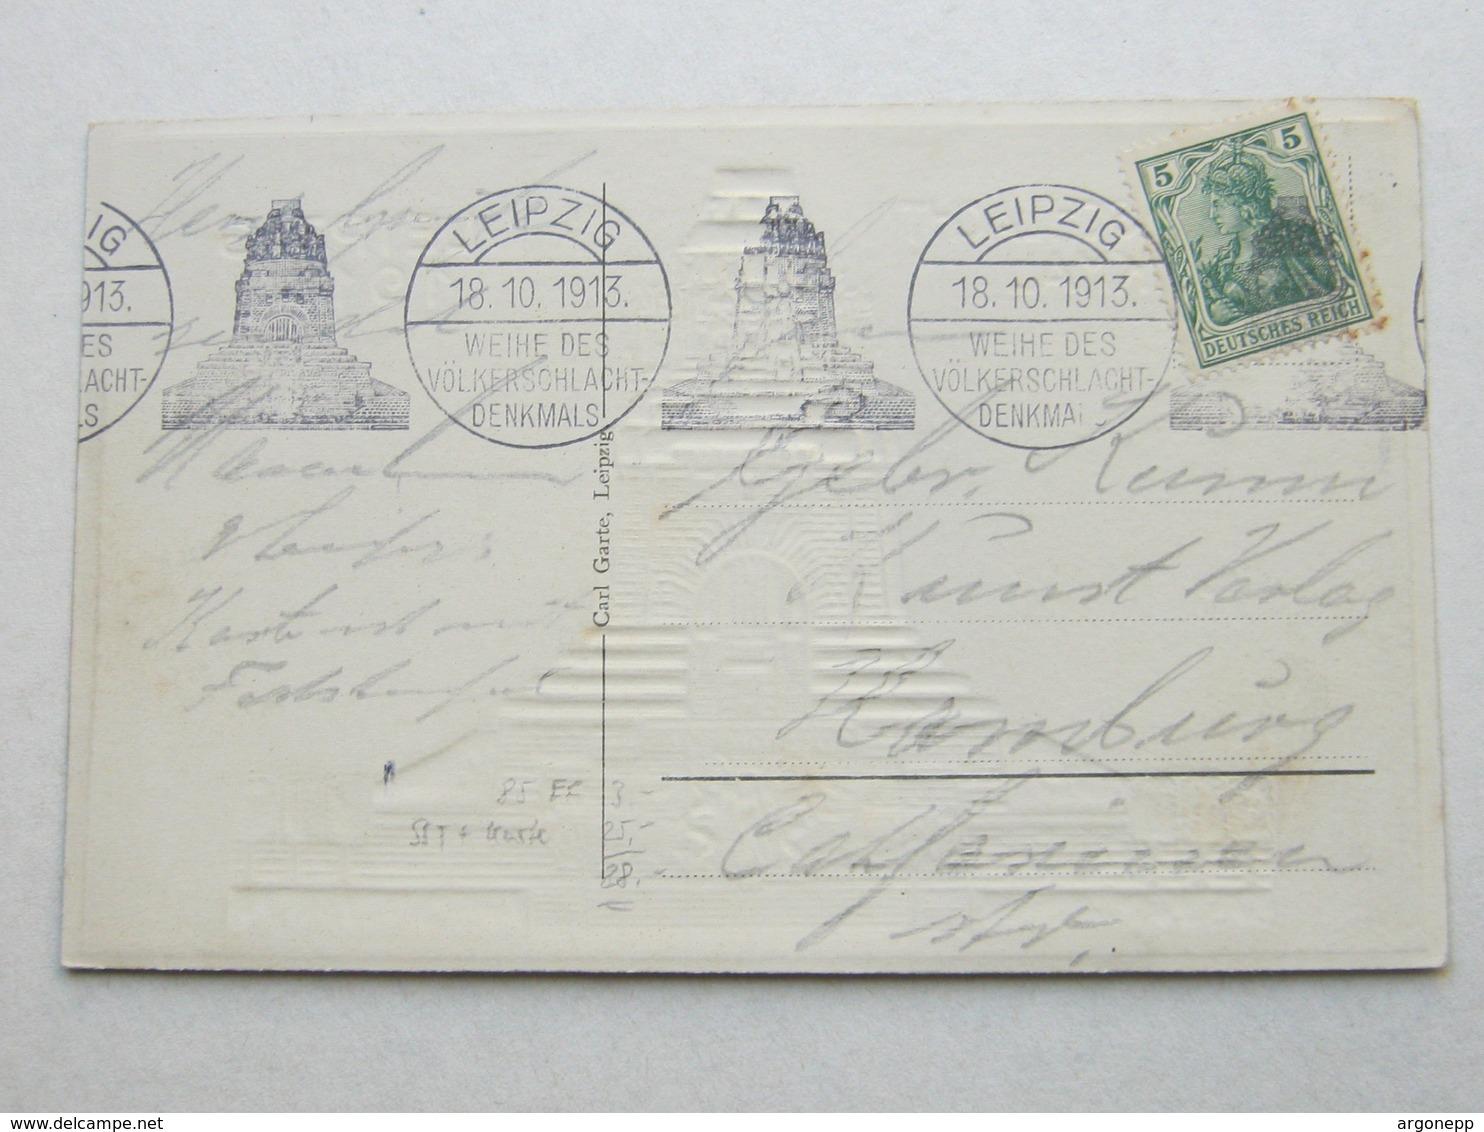 1913 , LEIPZIG - Völkerschlacht , Klarer Stempel  Maschinenstempel Auf Karte - Duitsland